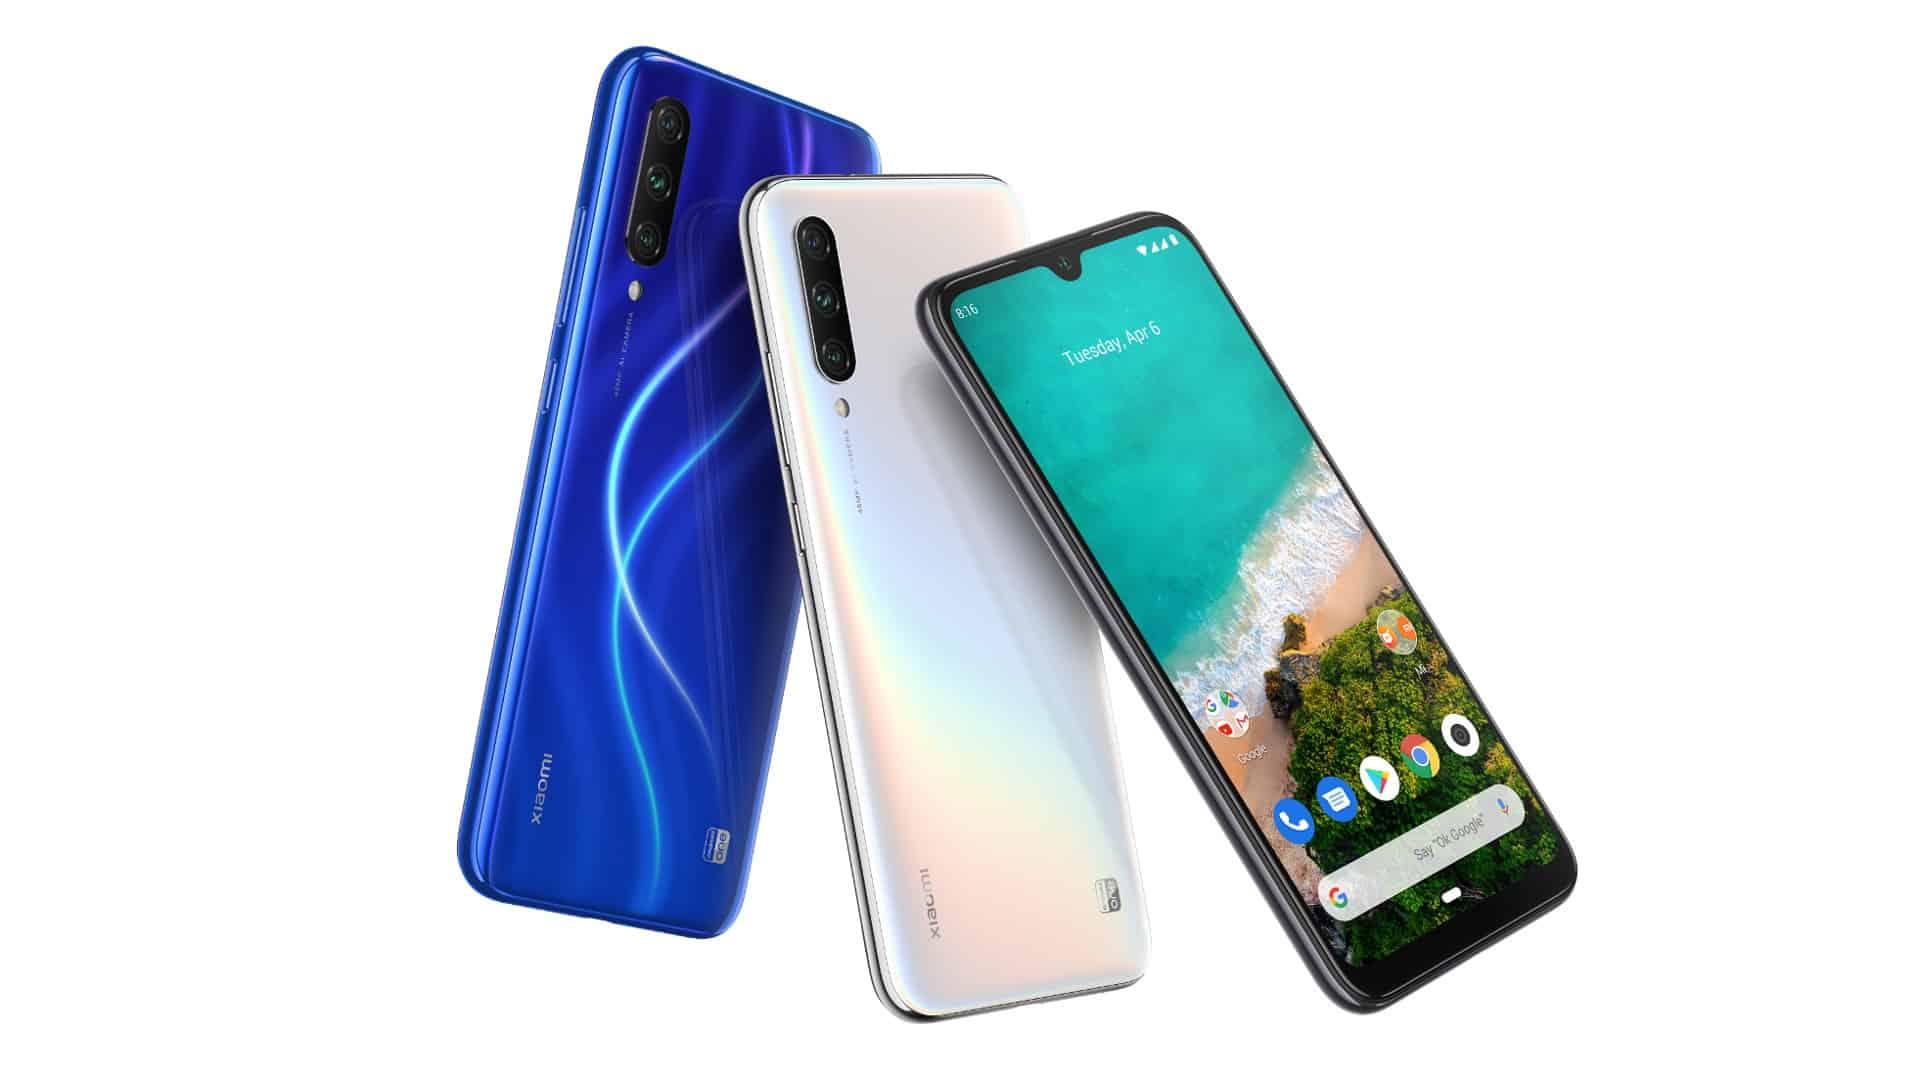 الاعلان رسمياً عن هاتف Xiaomi Mi A3 بسعر 280$. تعرف على المواصفات